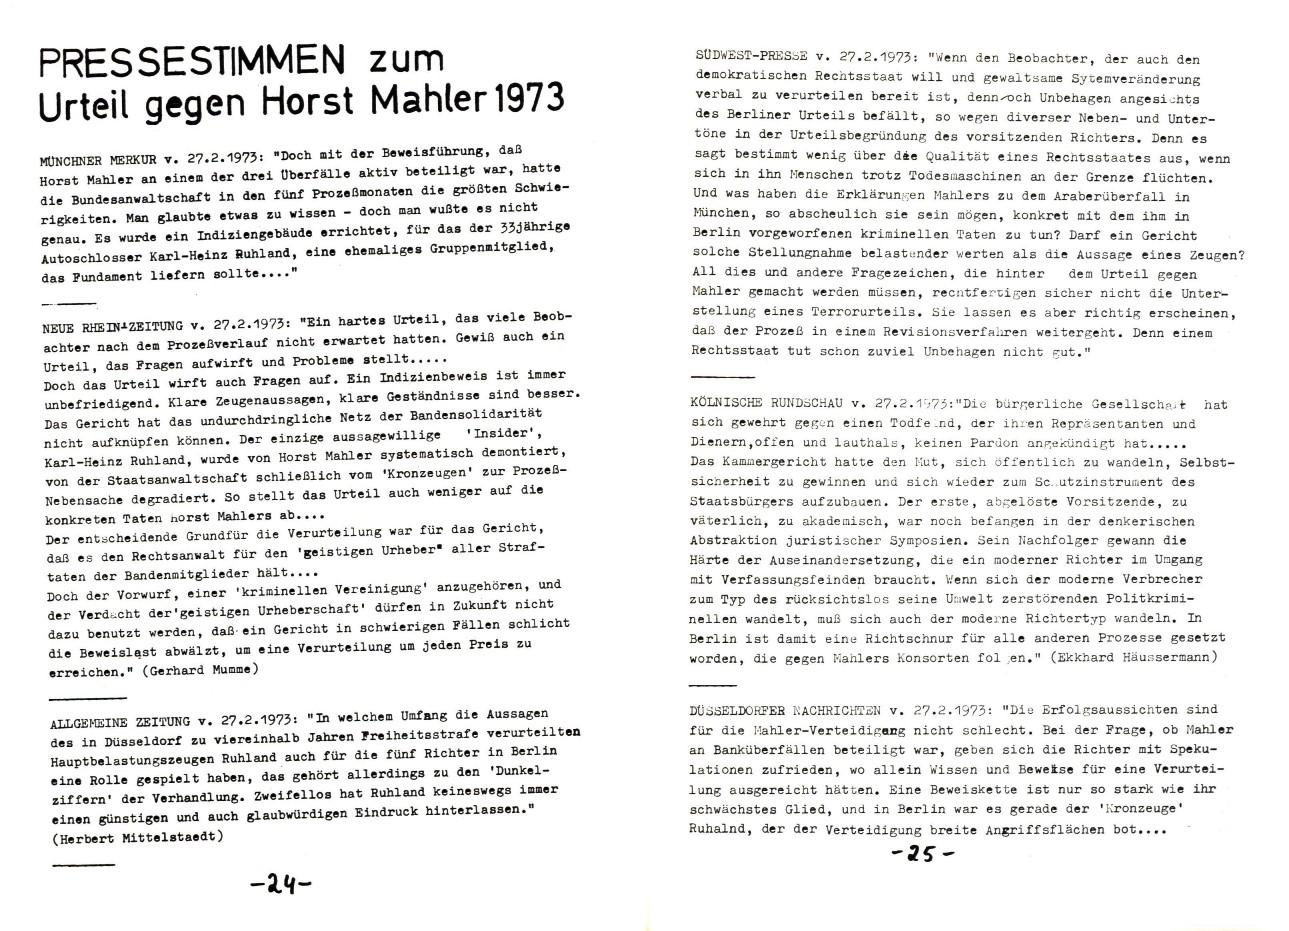 Berlin_Komitee_Mahler_Dokumentation_3_13